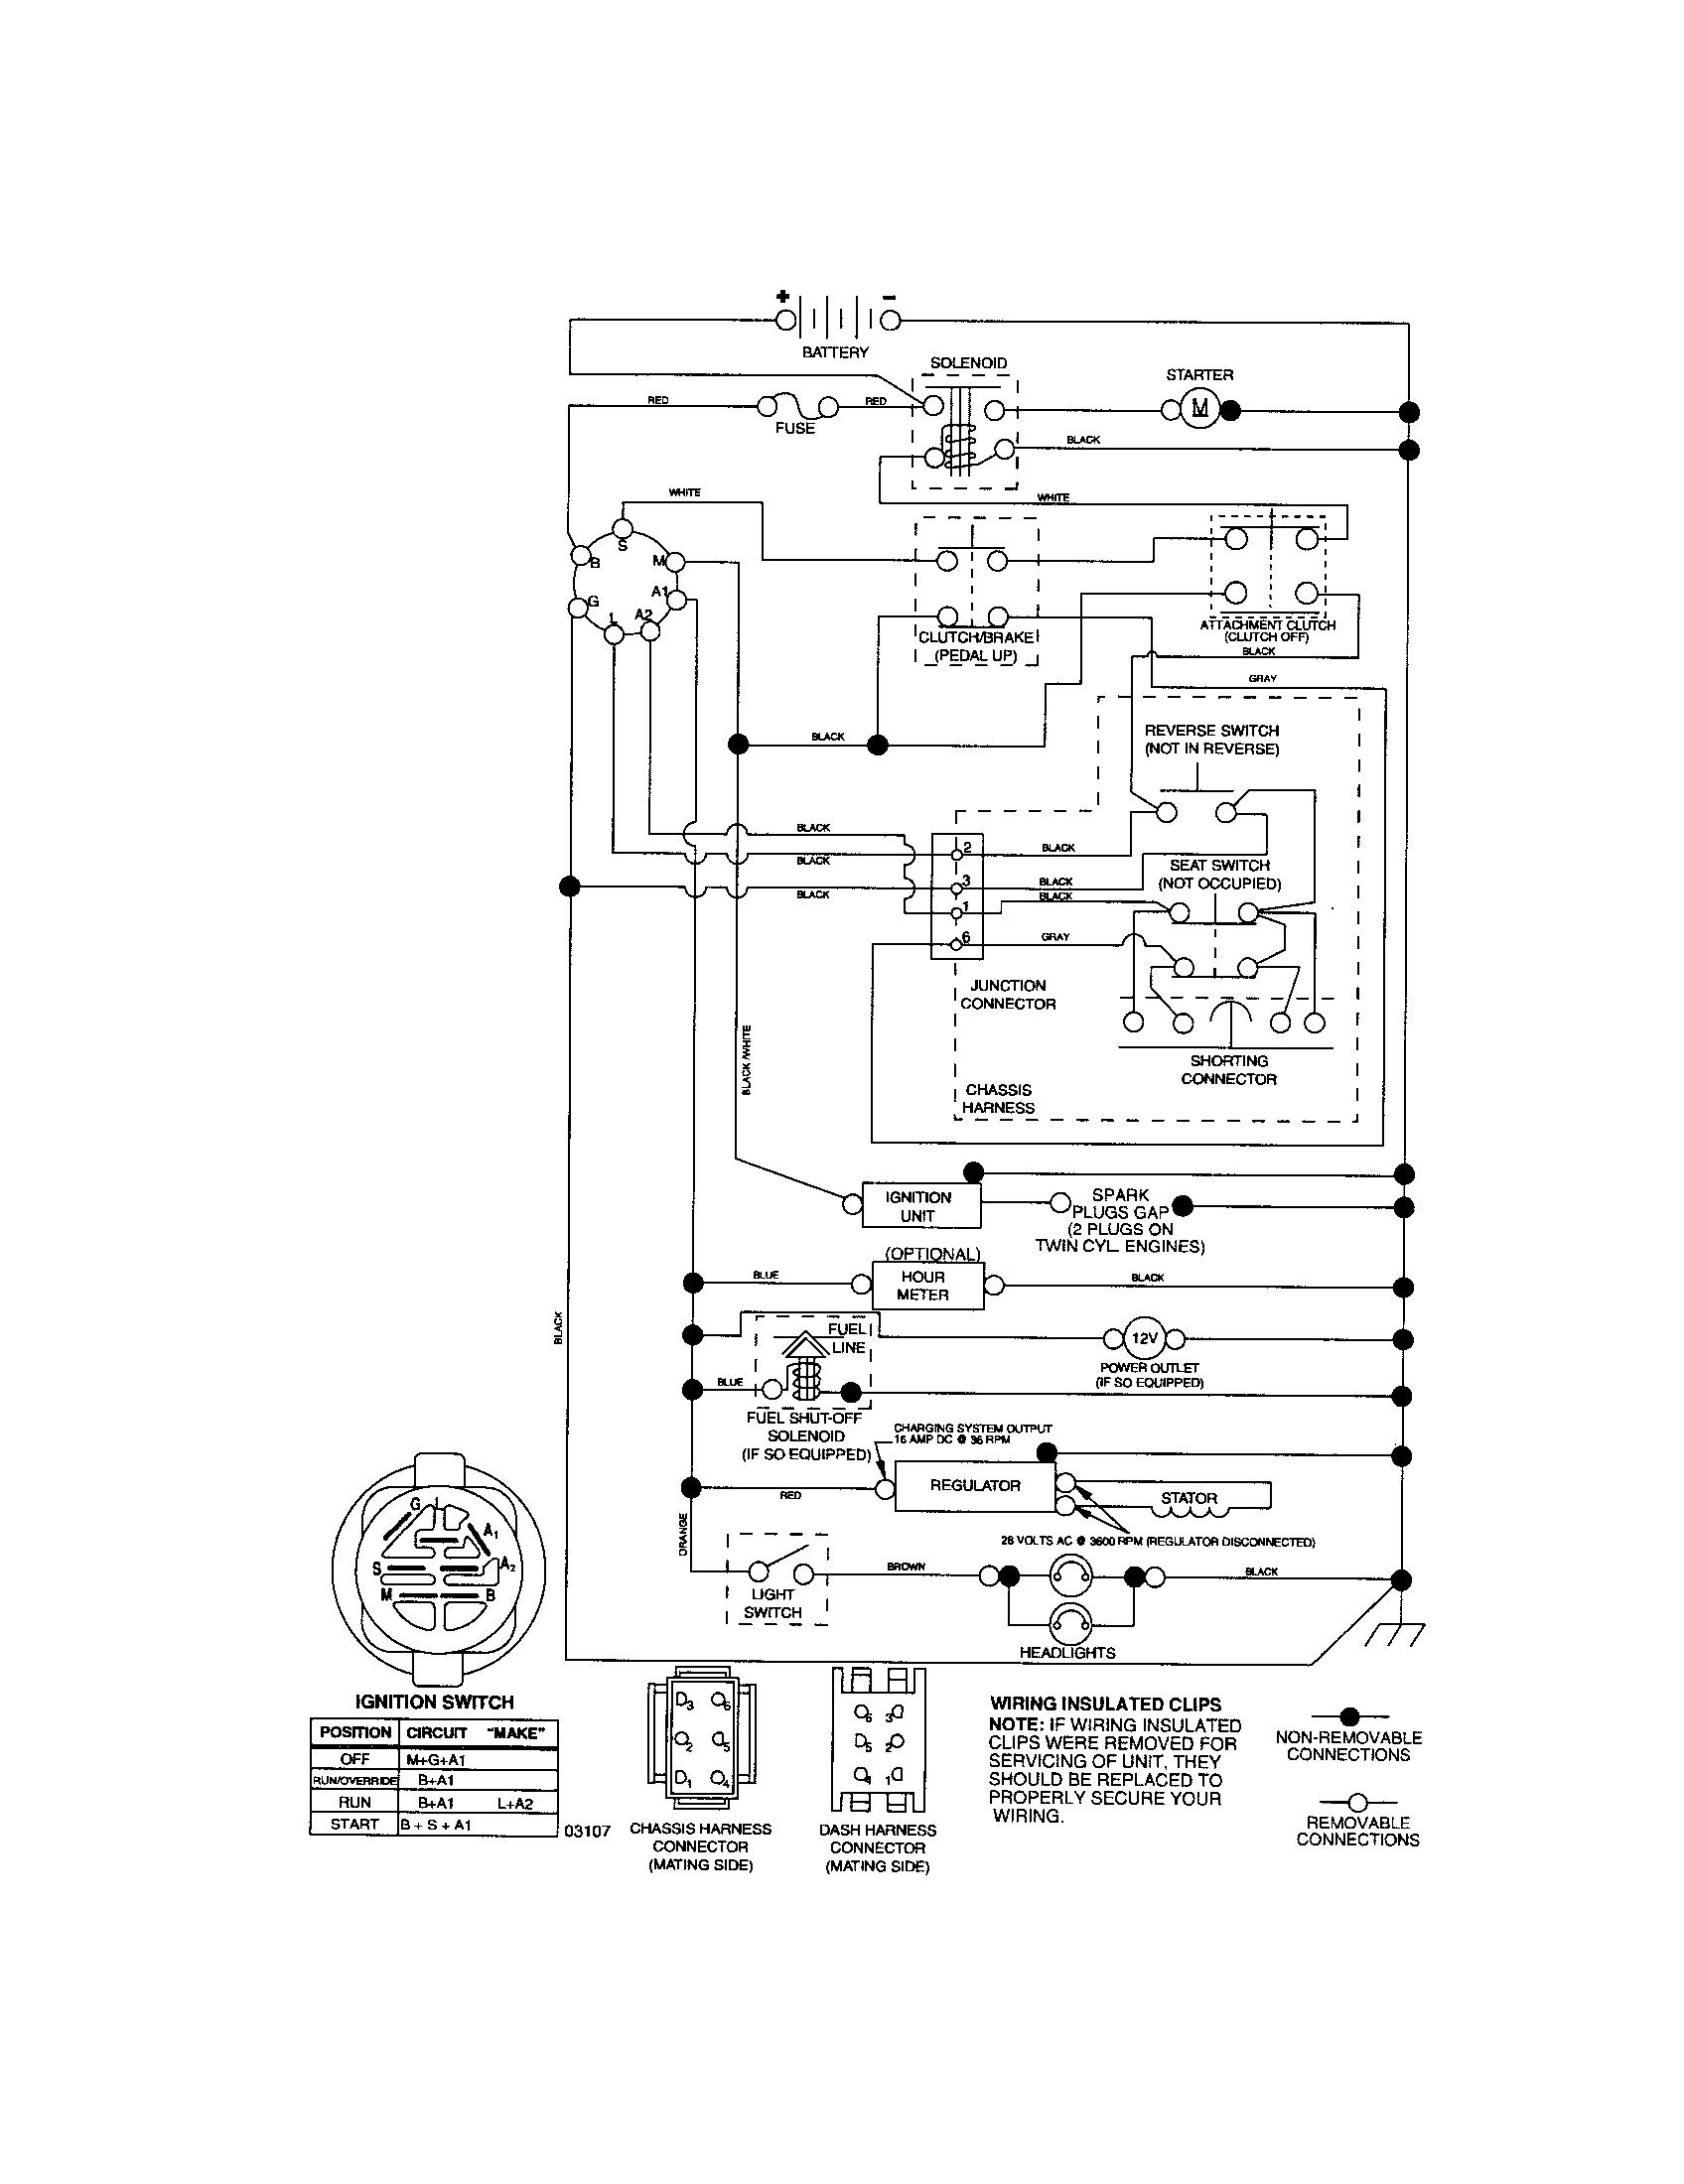 Excellent Craftsman Starter Wiring Diagram Diagram Data Schema Wiring Cloud Licukshollocom